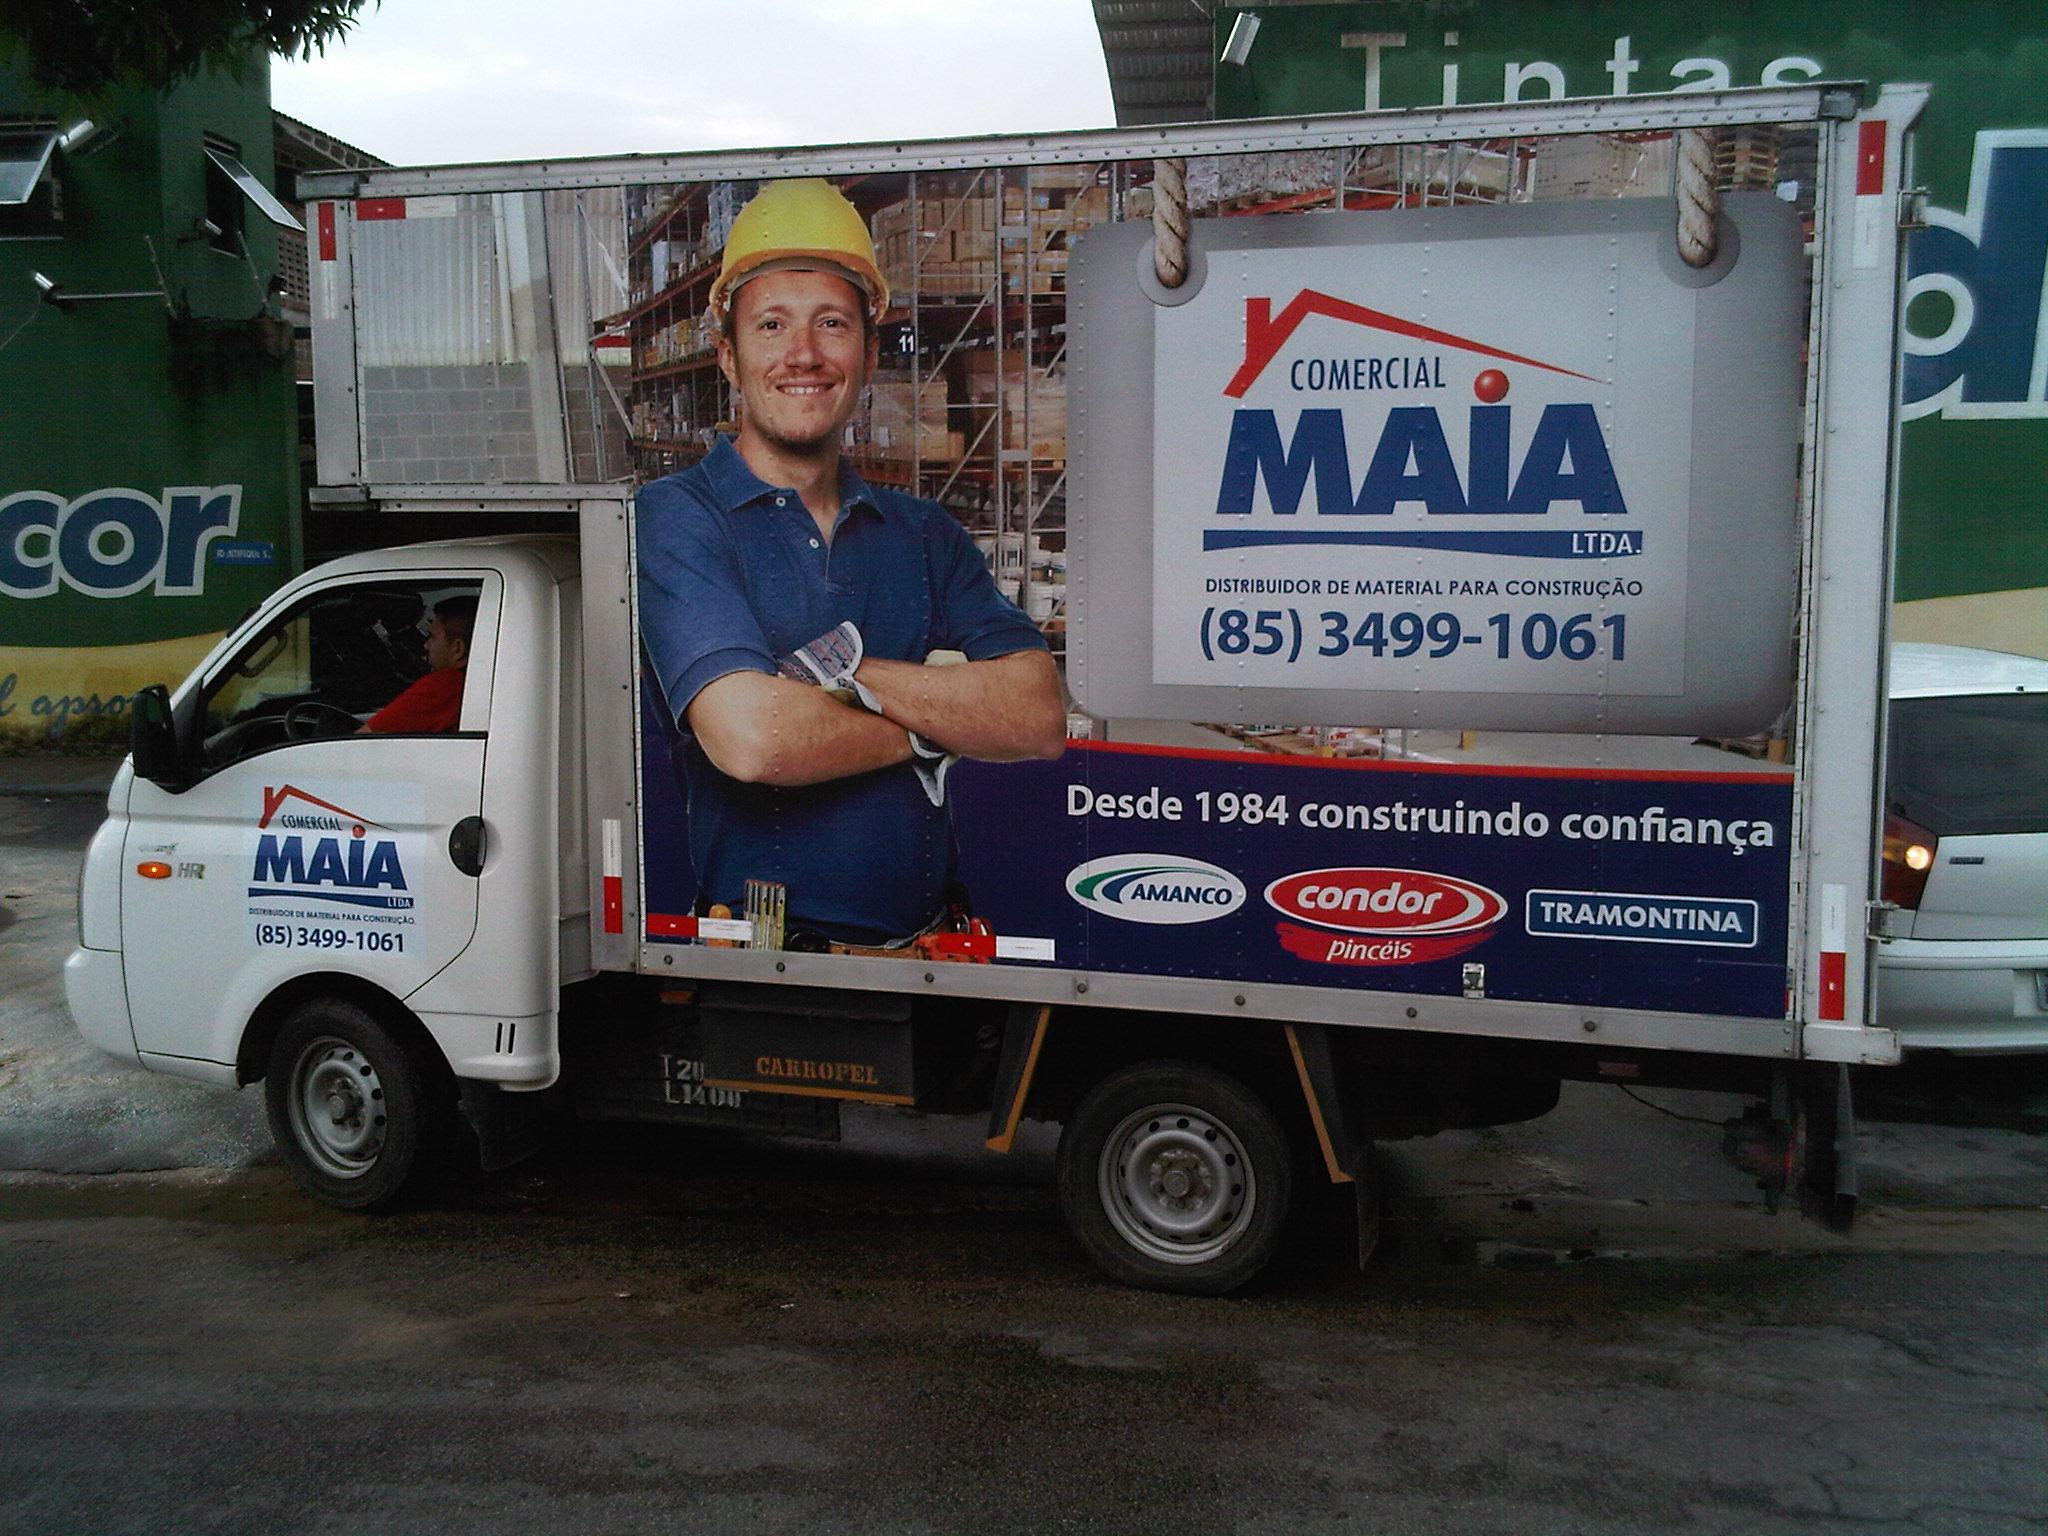 Comercial Maia